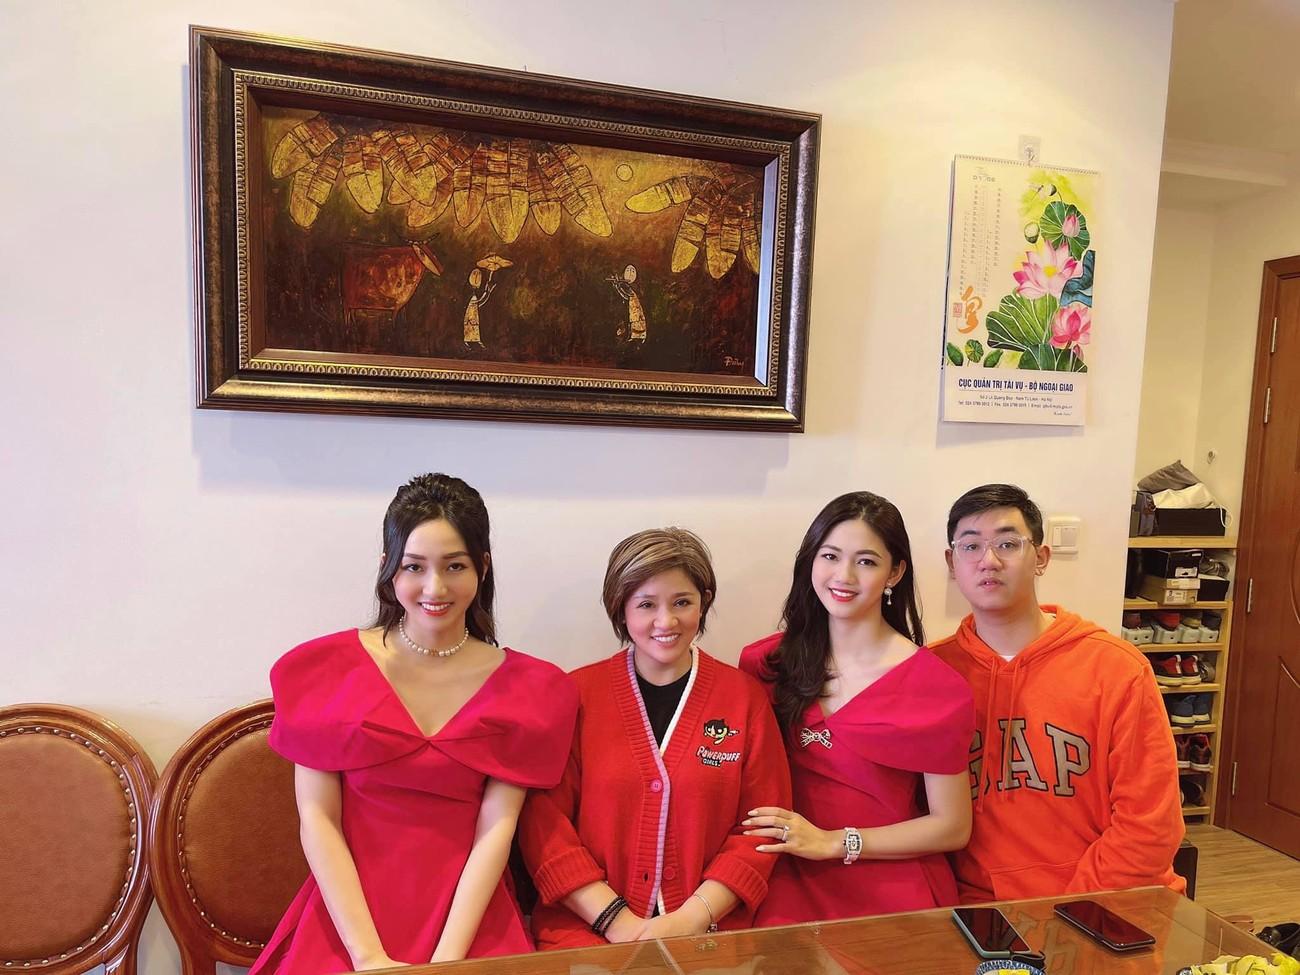 Ngọc Hân và hội bạn thân cả thập kỷ mặc áo dài khoe dáng trên phố Xuân mùng 2 Tết ảnh 15